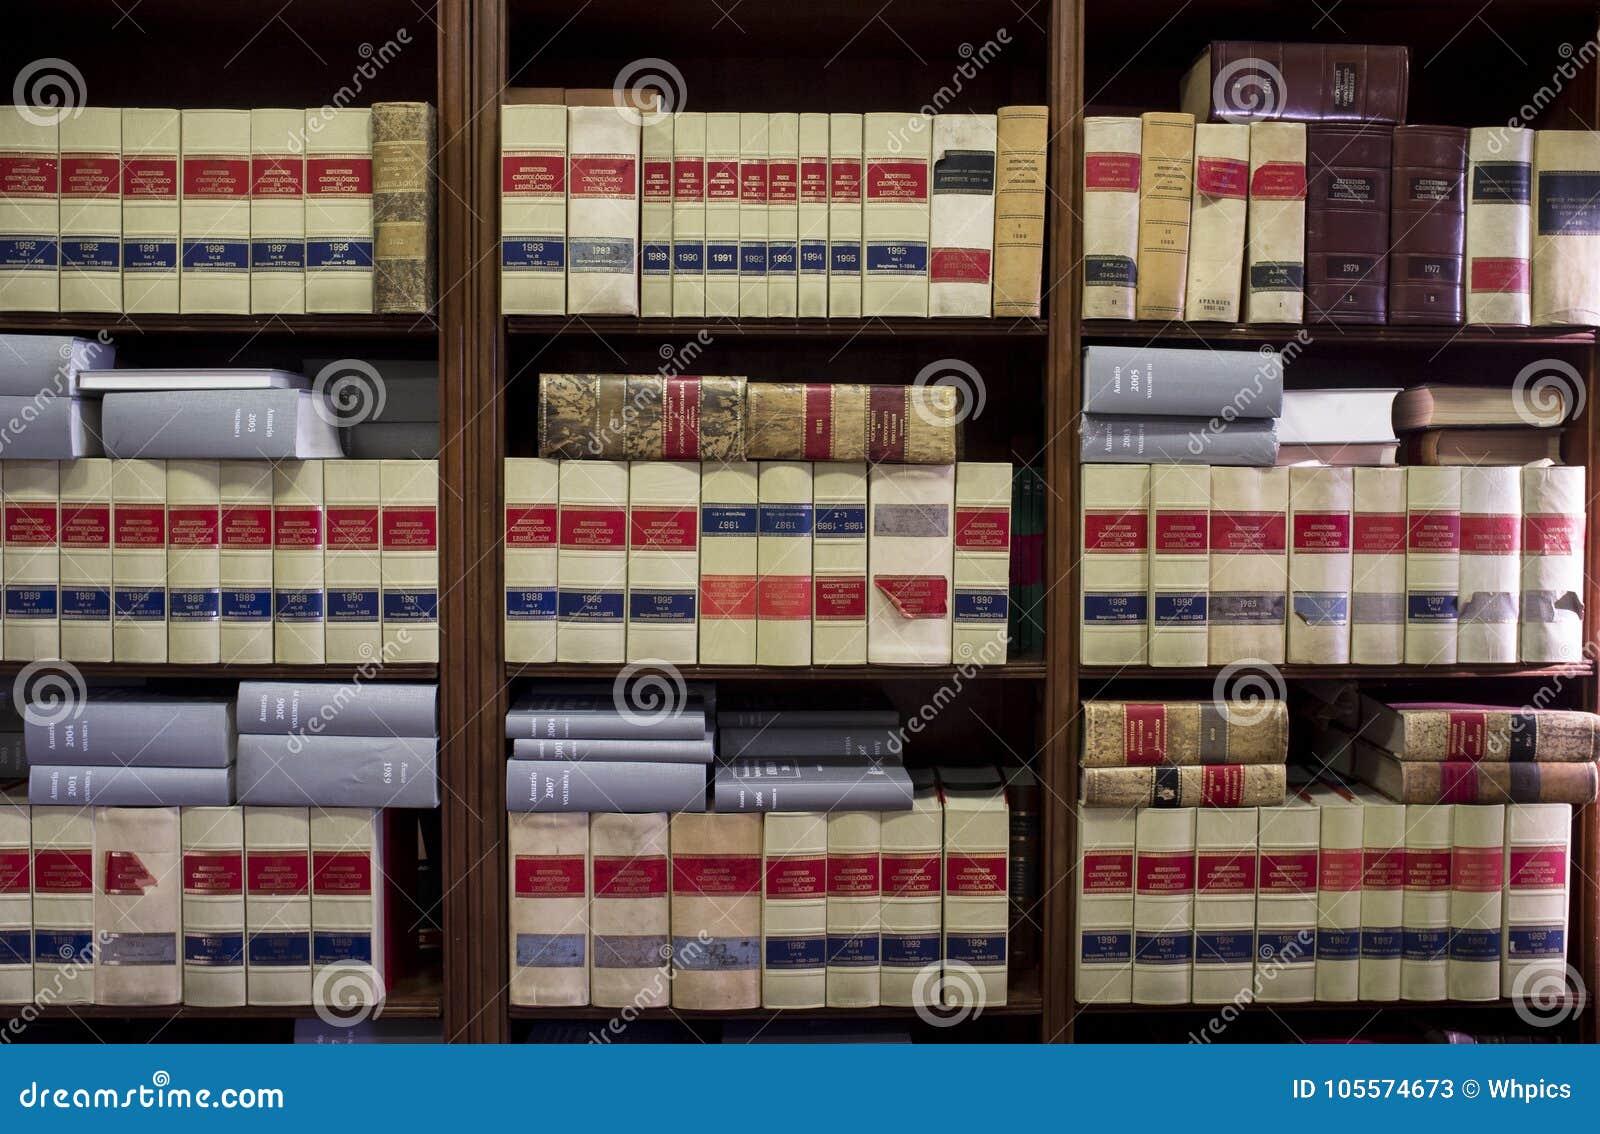 Bookshelf Plenty Of Old Legal Books